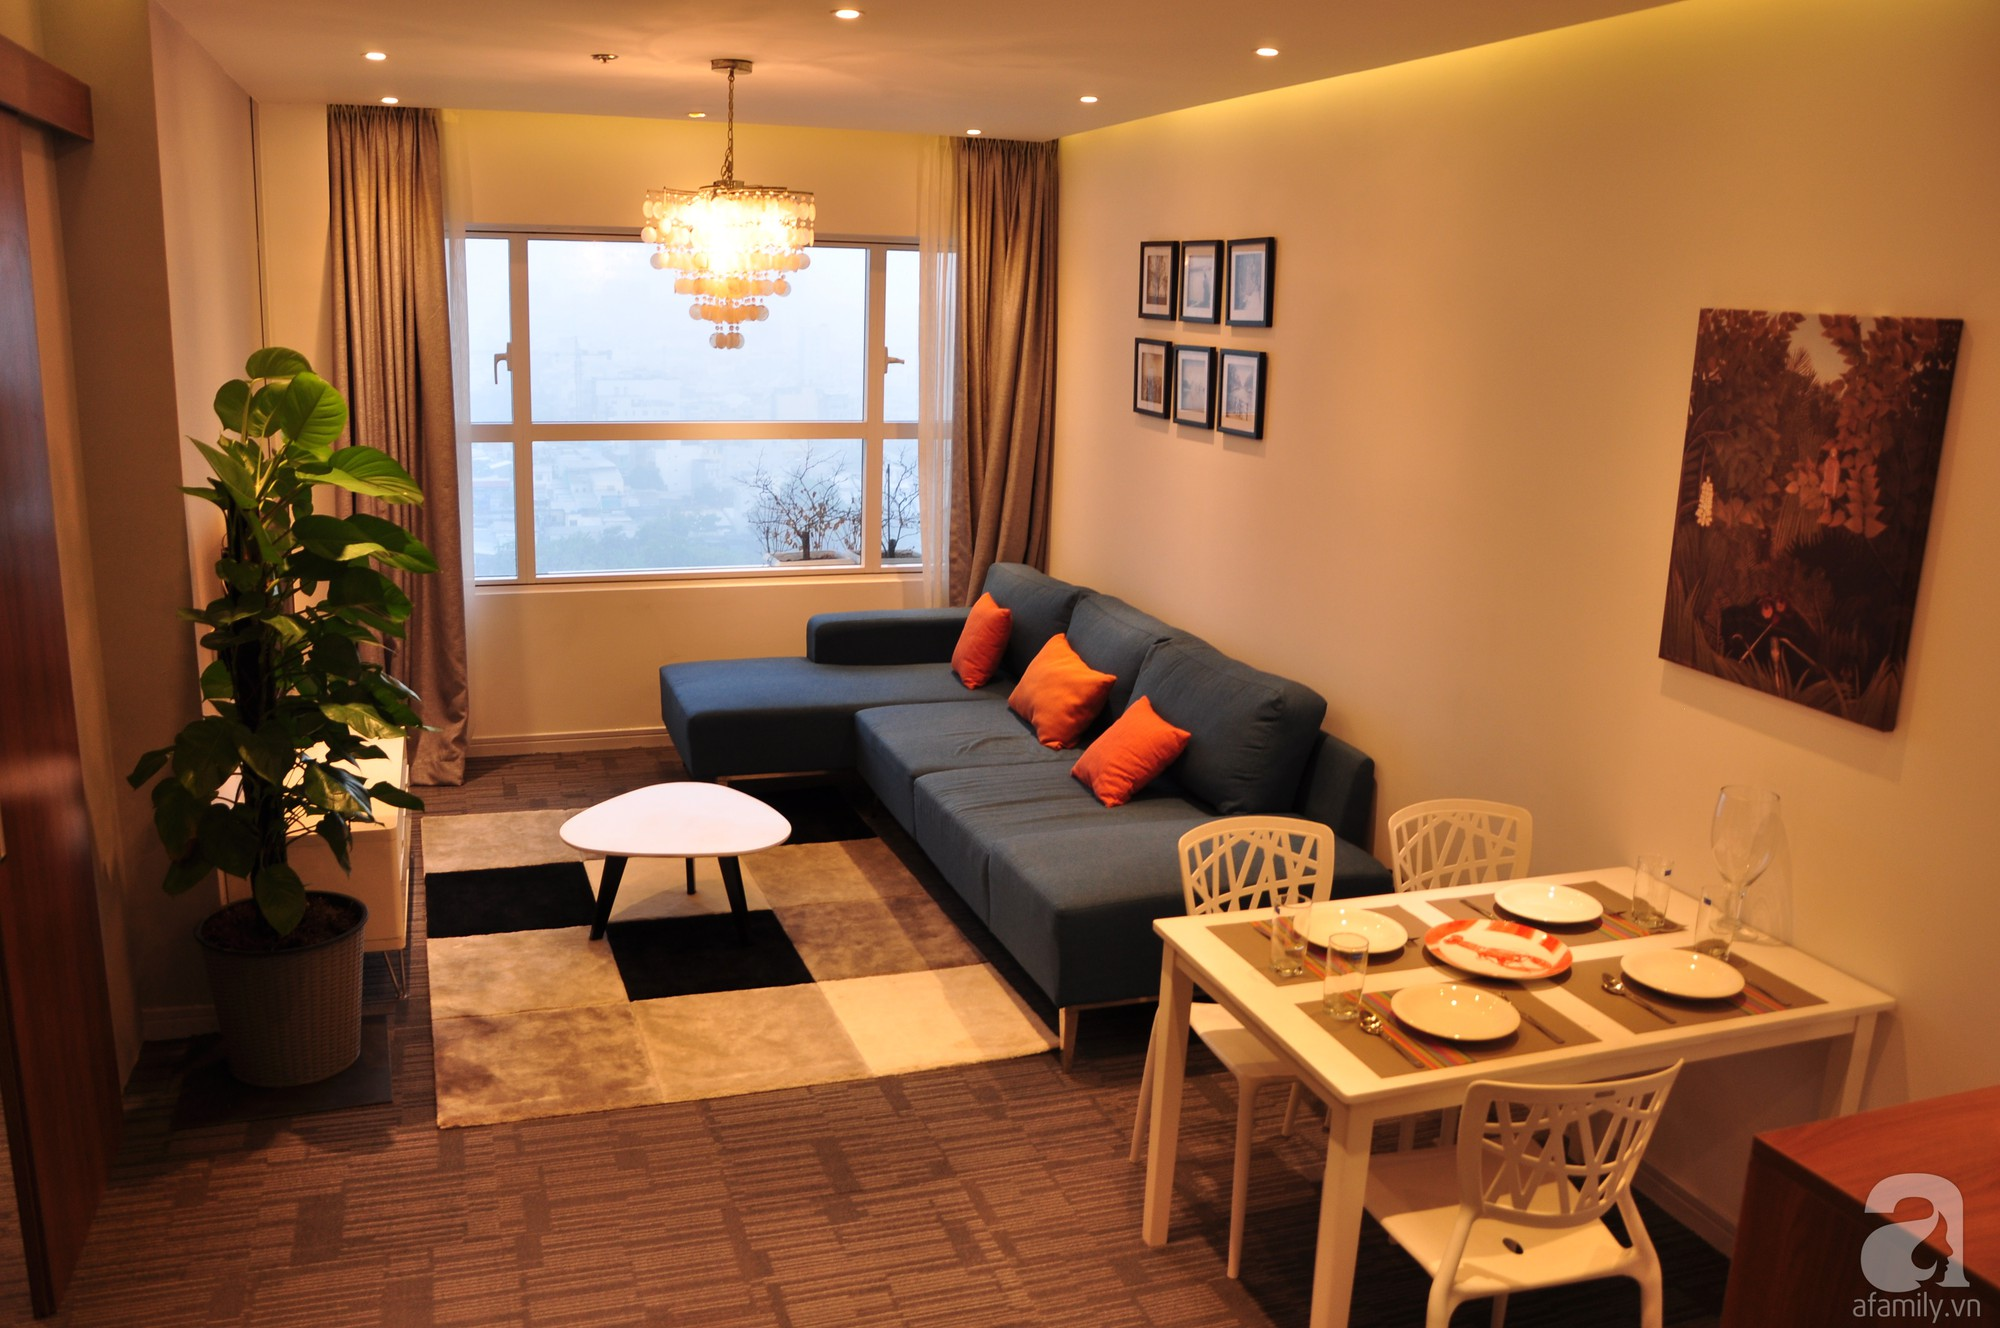 Căn hộ nhỏ 55m² ở quận 7, Sài Gòn nổi bật phong cách tận hưởng cuộc sống do anh chàng độc thân tự tay bố trí nội thất - Ảnh 5.